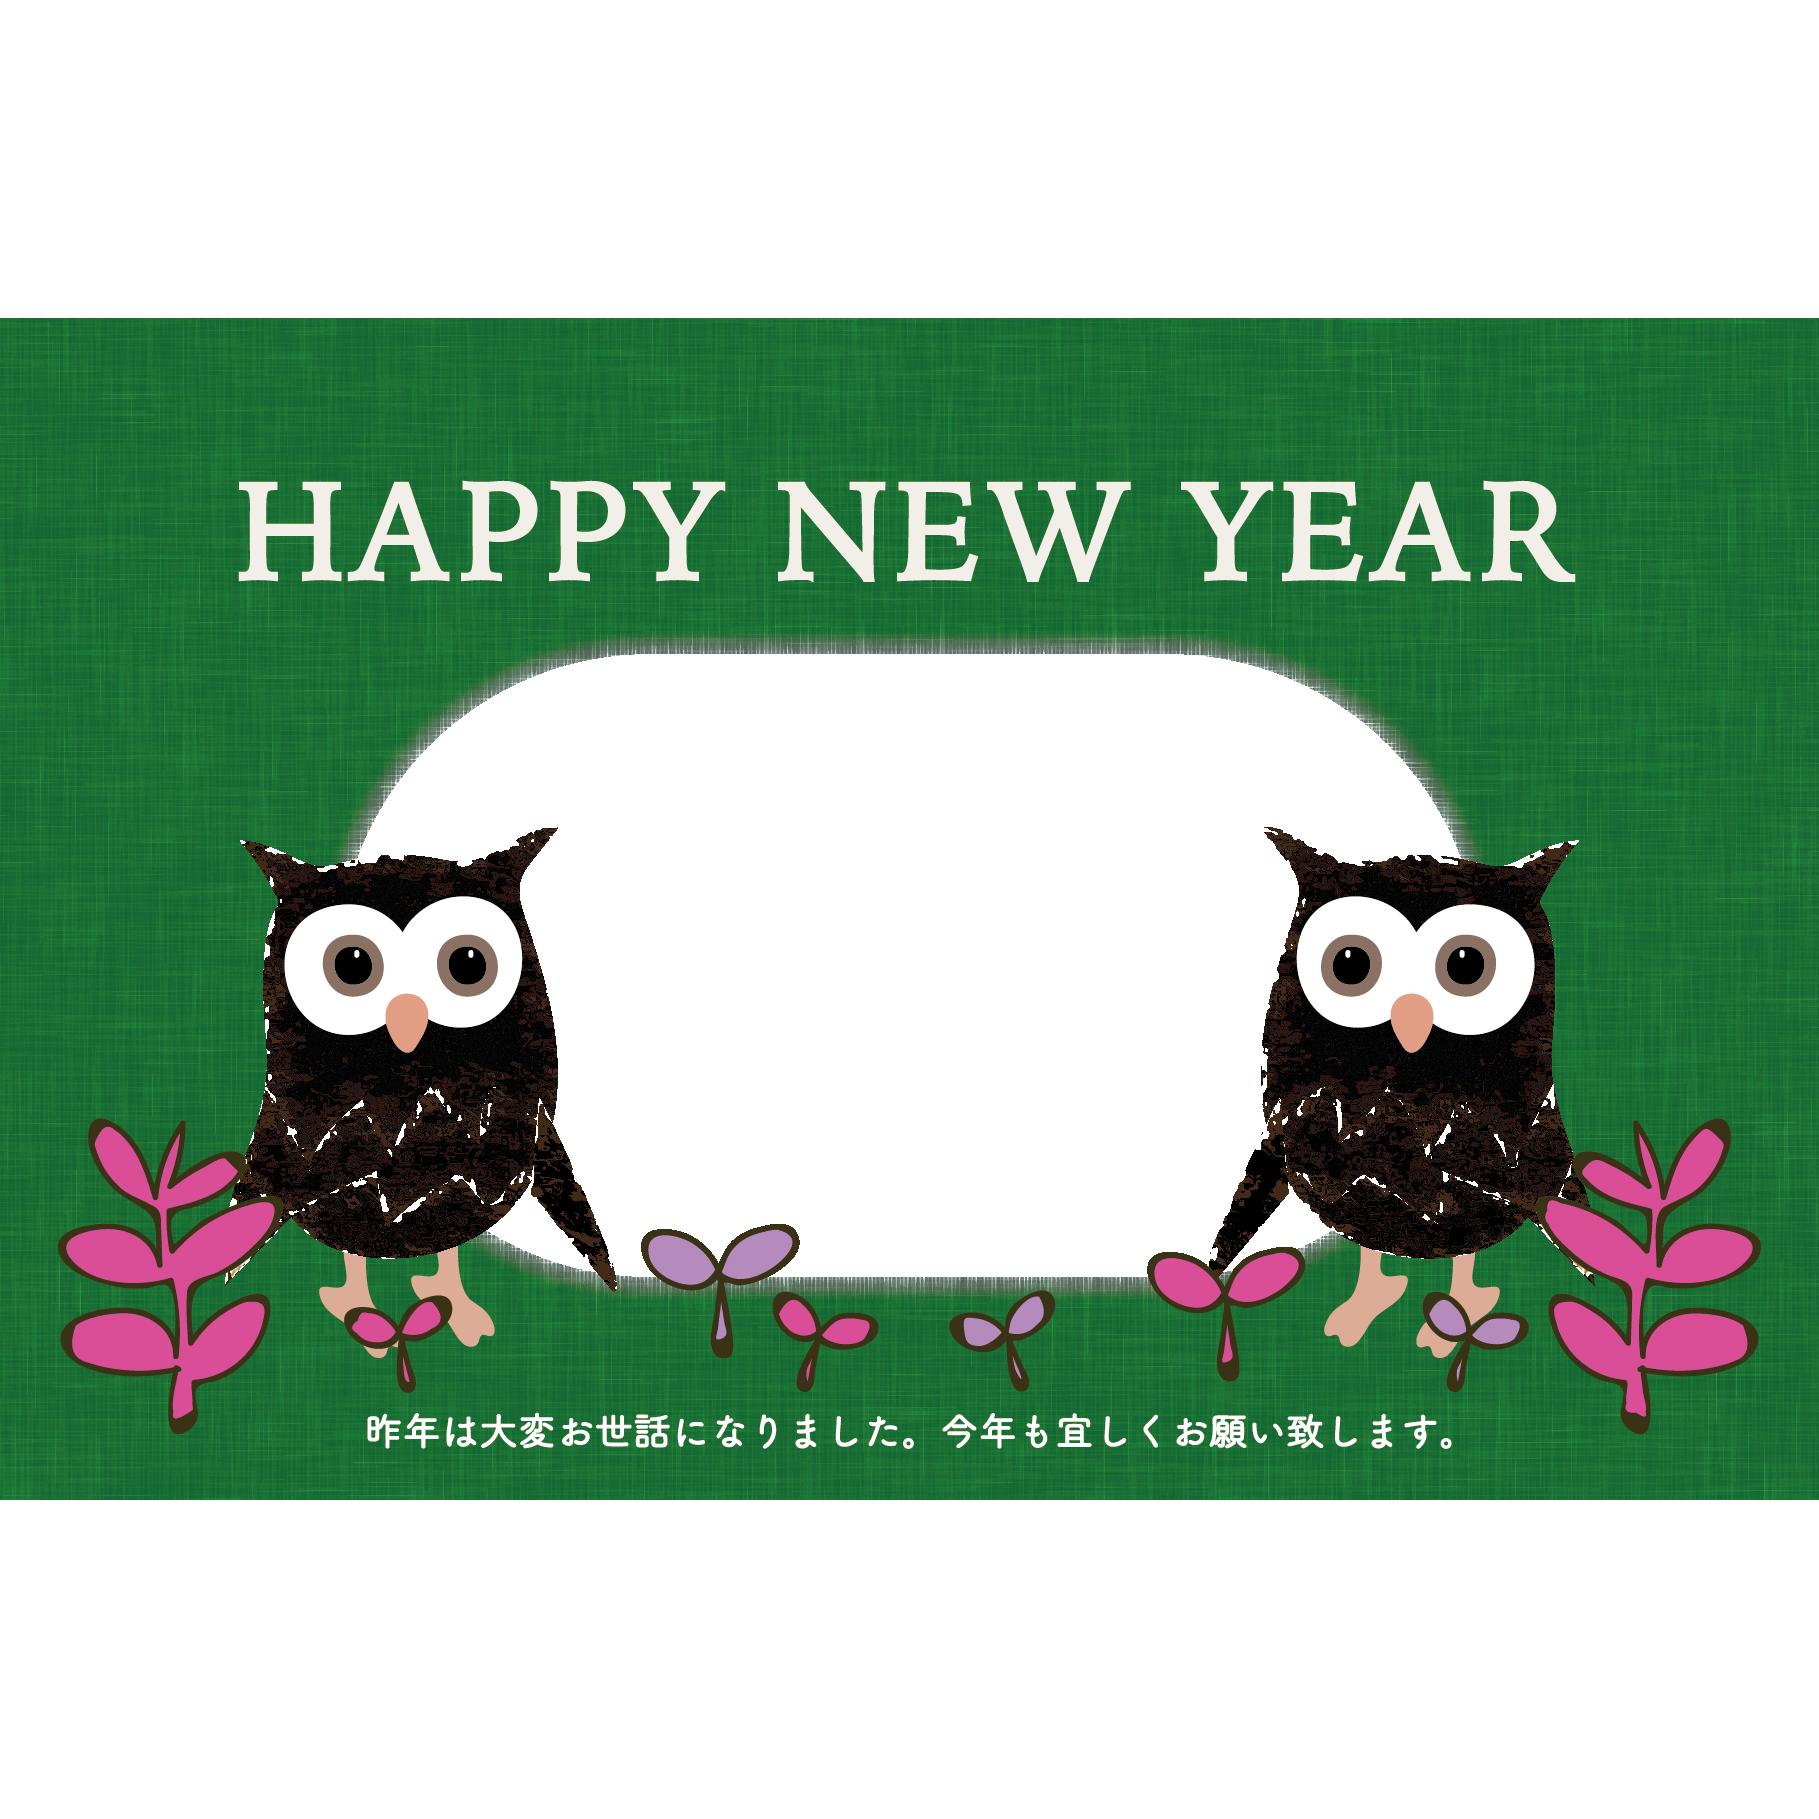 写真フレーム付き】フクロウ(ふくろう)のおしゃれな年賀状 2017年